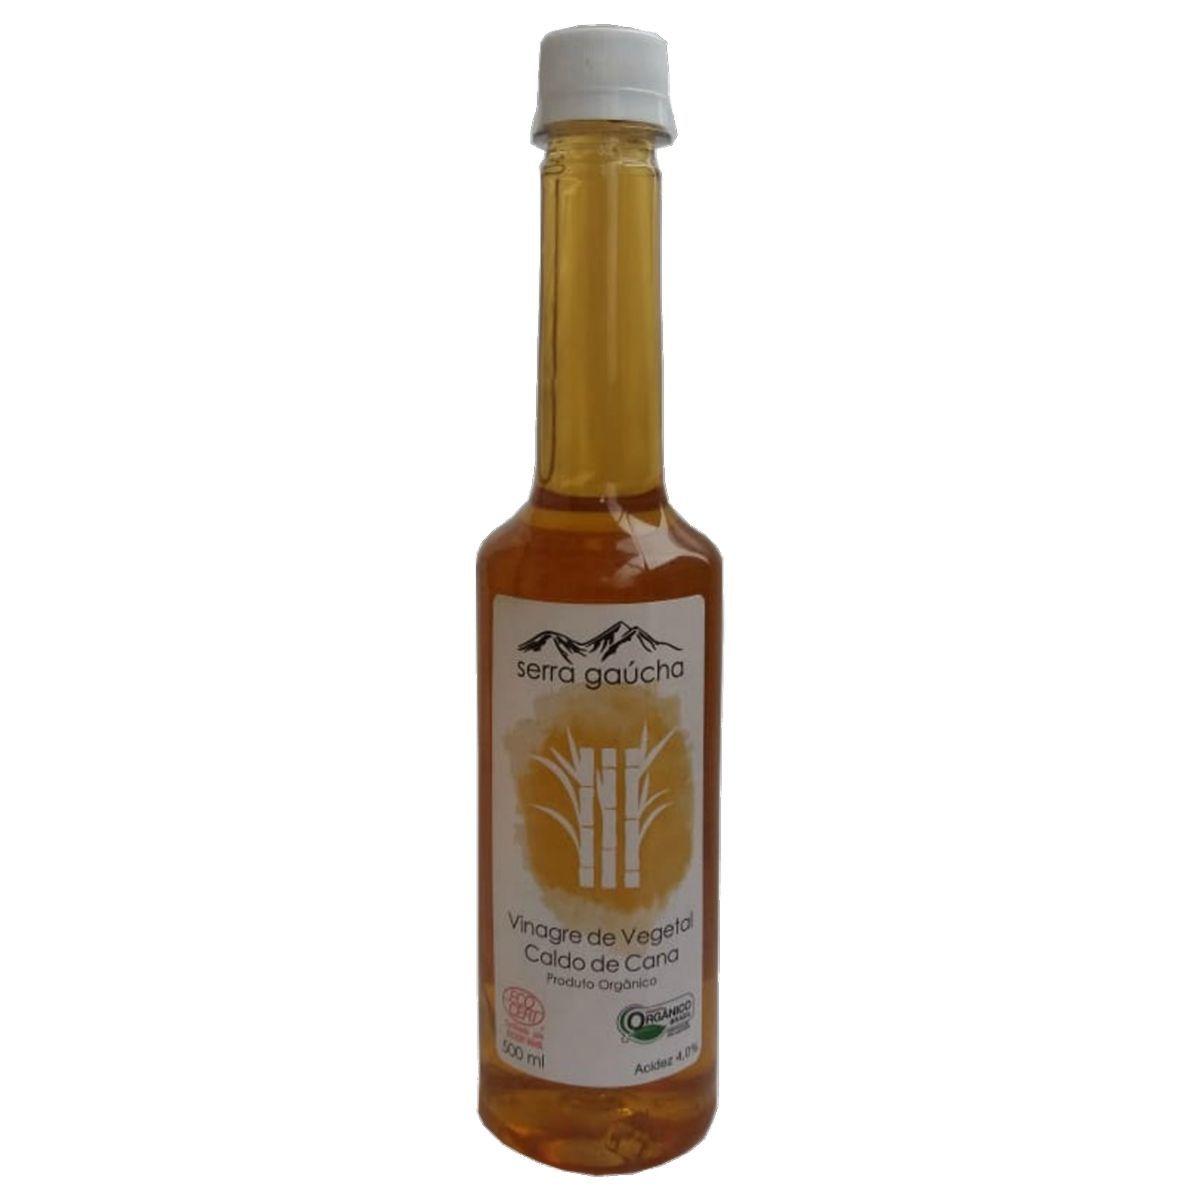 Vinagre Caldo de Cana Orgânico Serra Gaúcha Acidez 4% - 500ml